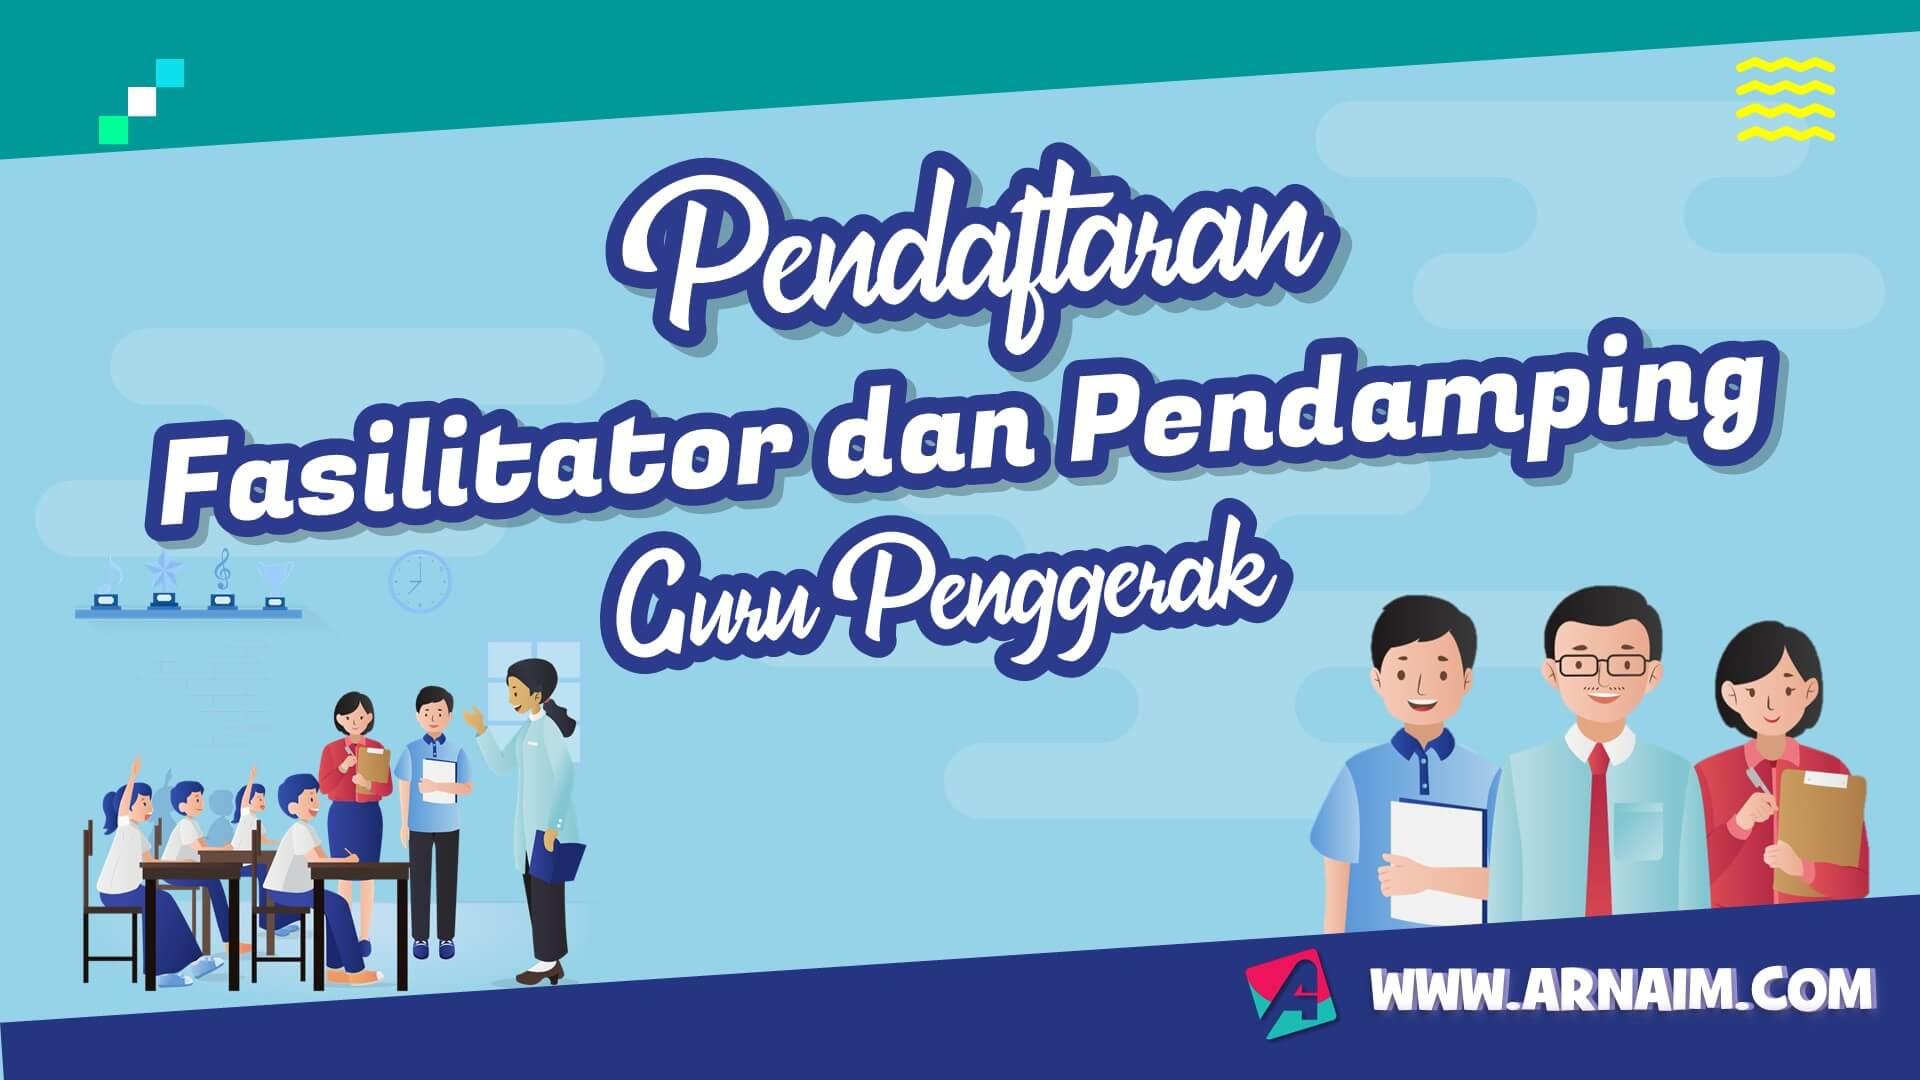 ARNAIM.COM - PENDAFTARAN FASILITATOR GURU PENGGERAK DAN PENDAMPING